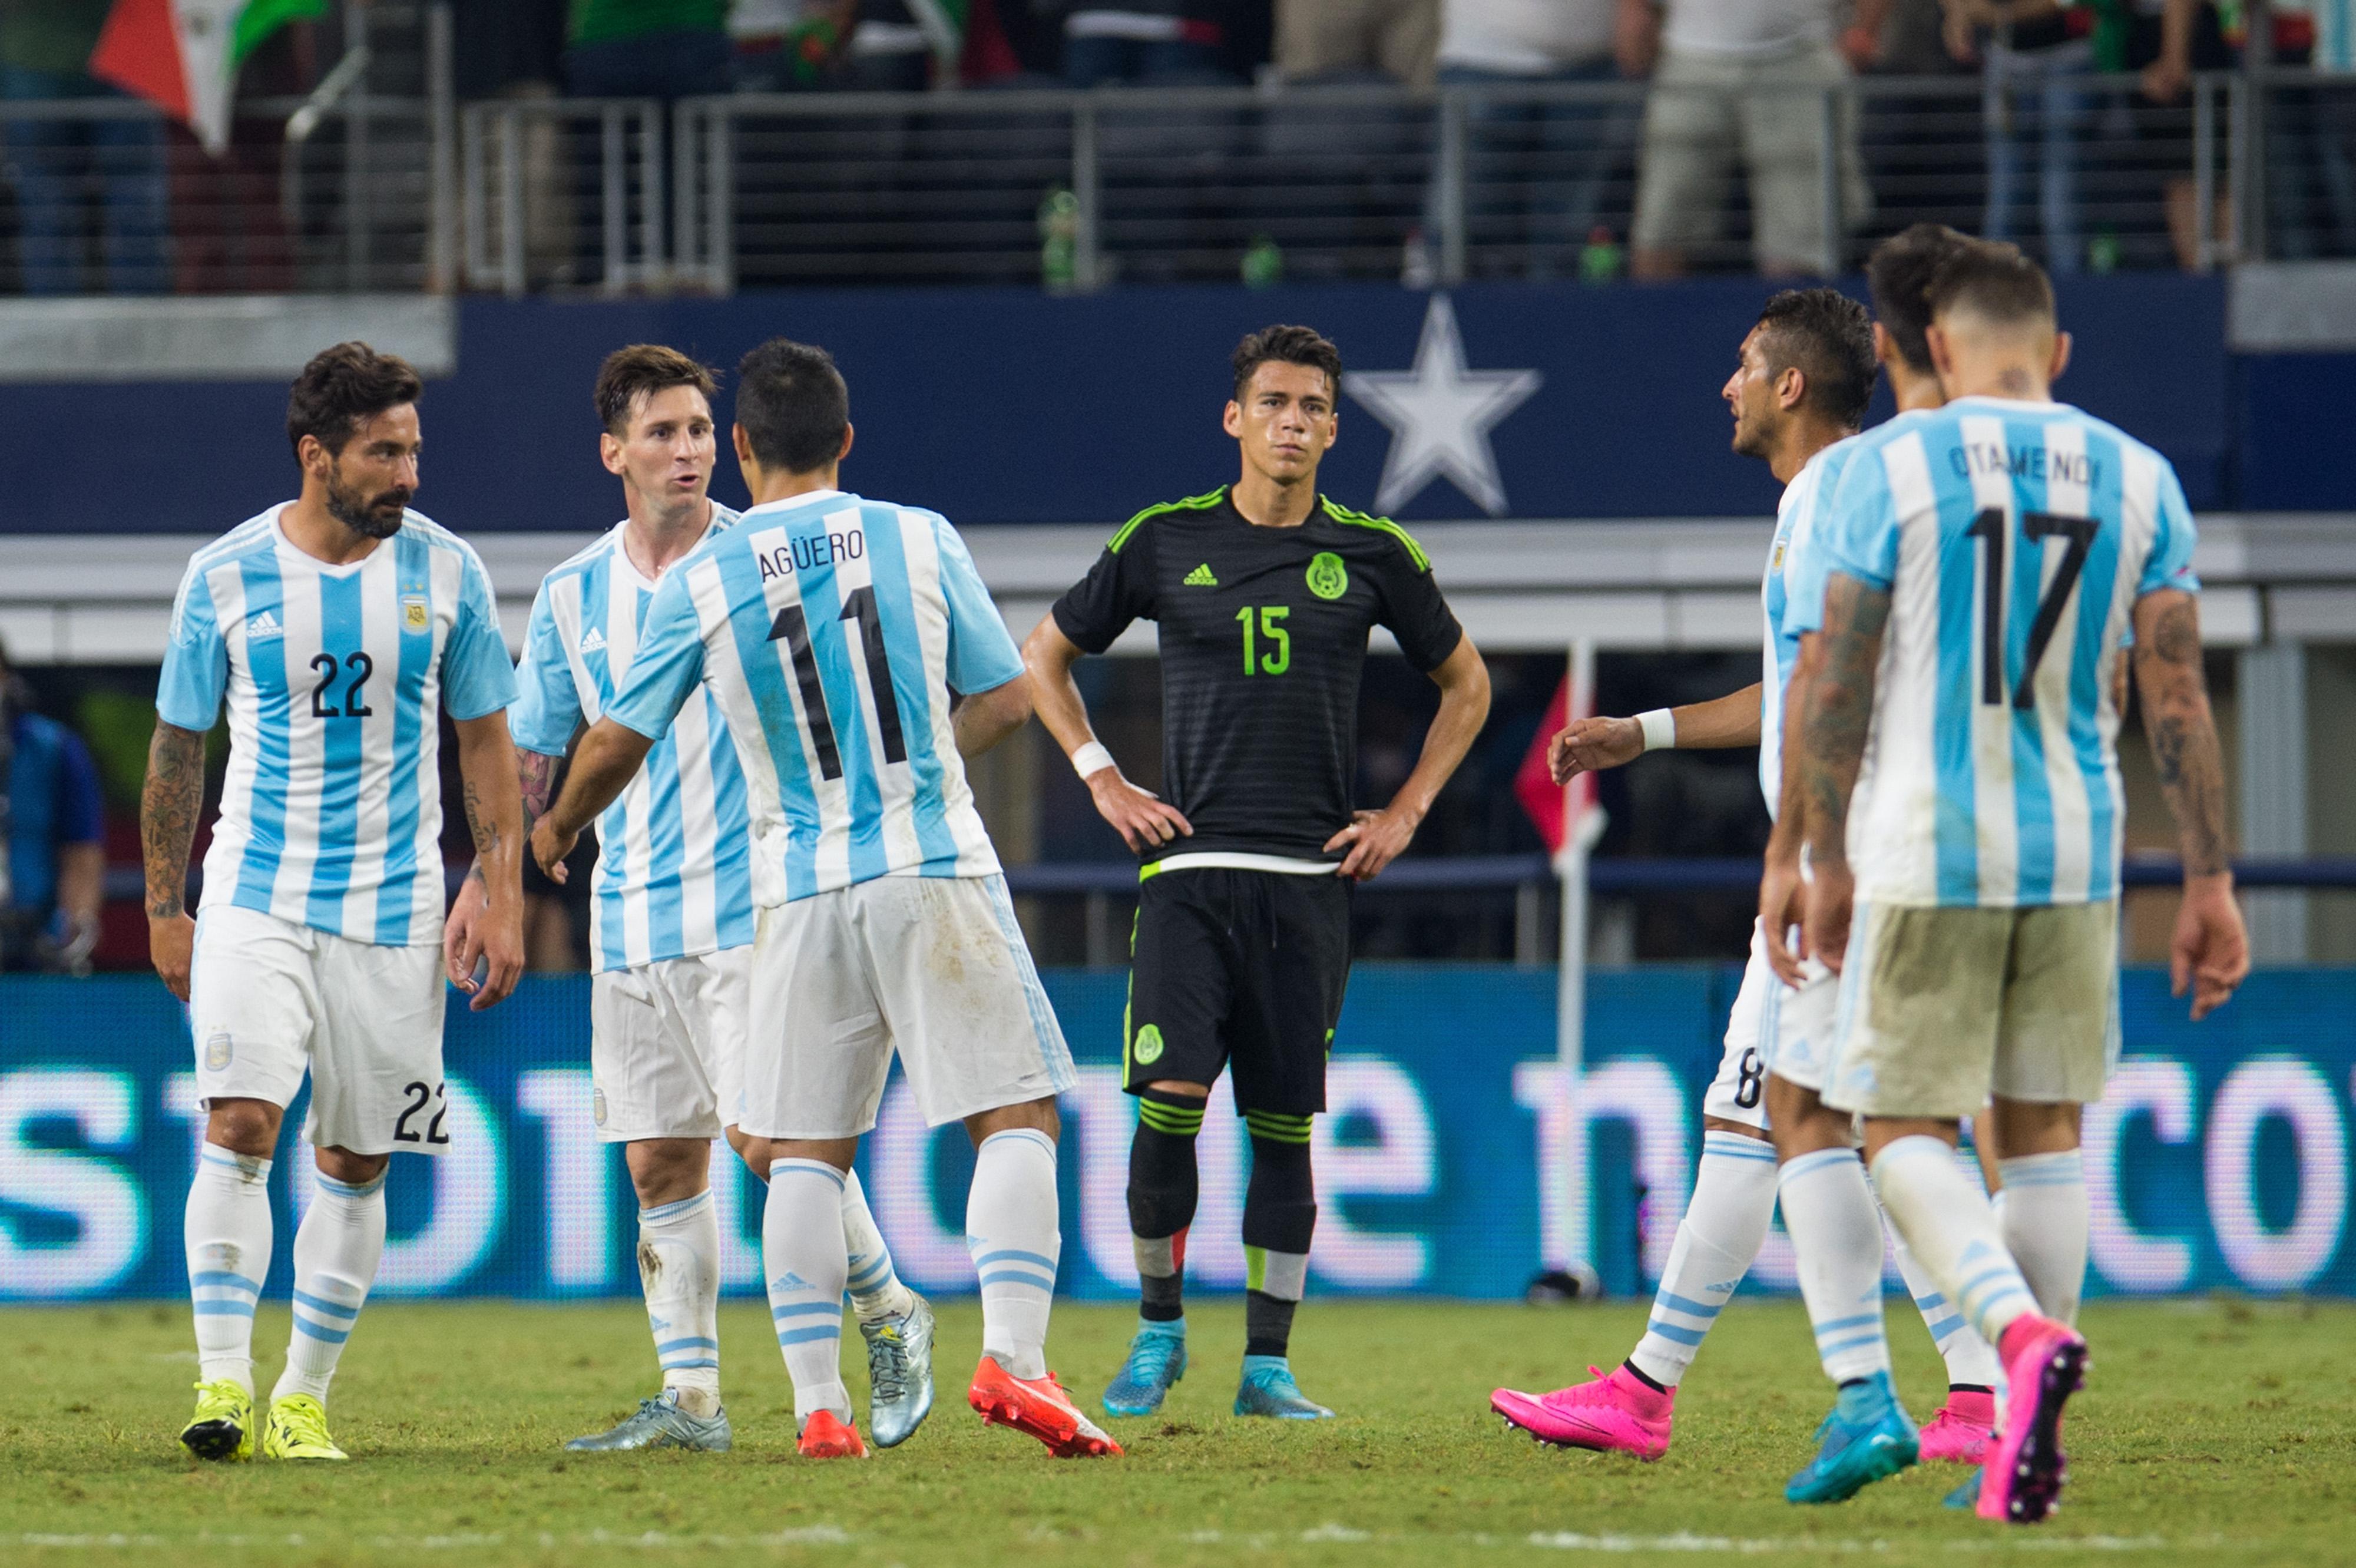 Calificamos el desempeño de México y Argentina en Dallas